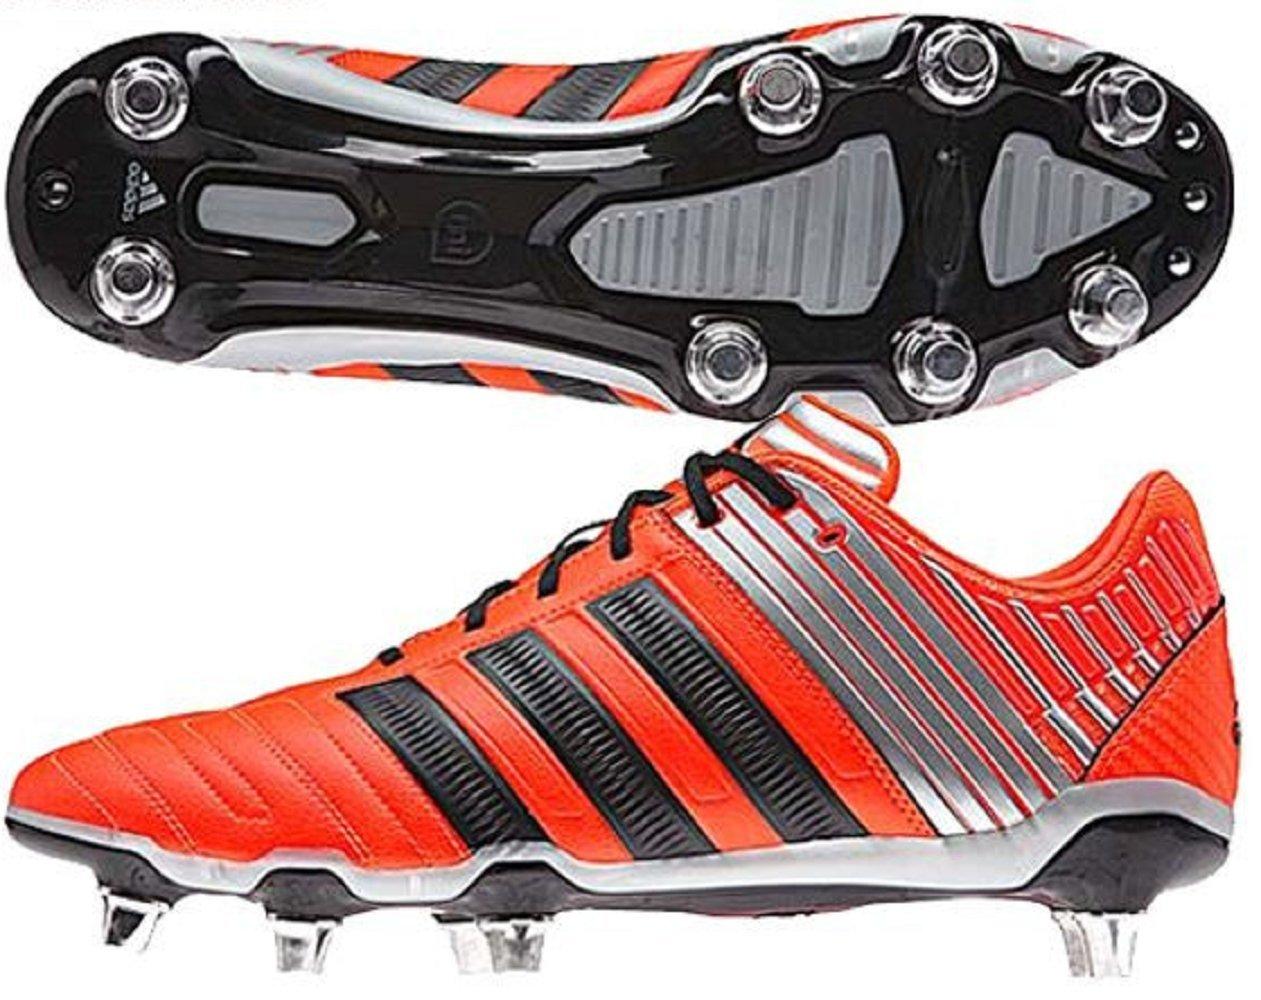 アディダス (adidas) ソフトグラウンド用 ラグビースパイク 25.5cm adipower Kakari アディパワーカカリSG 国内正規品 B35842 ソーラーレッド B0791844YV